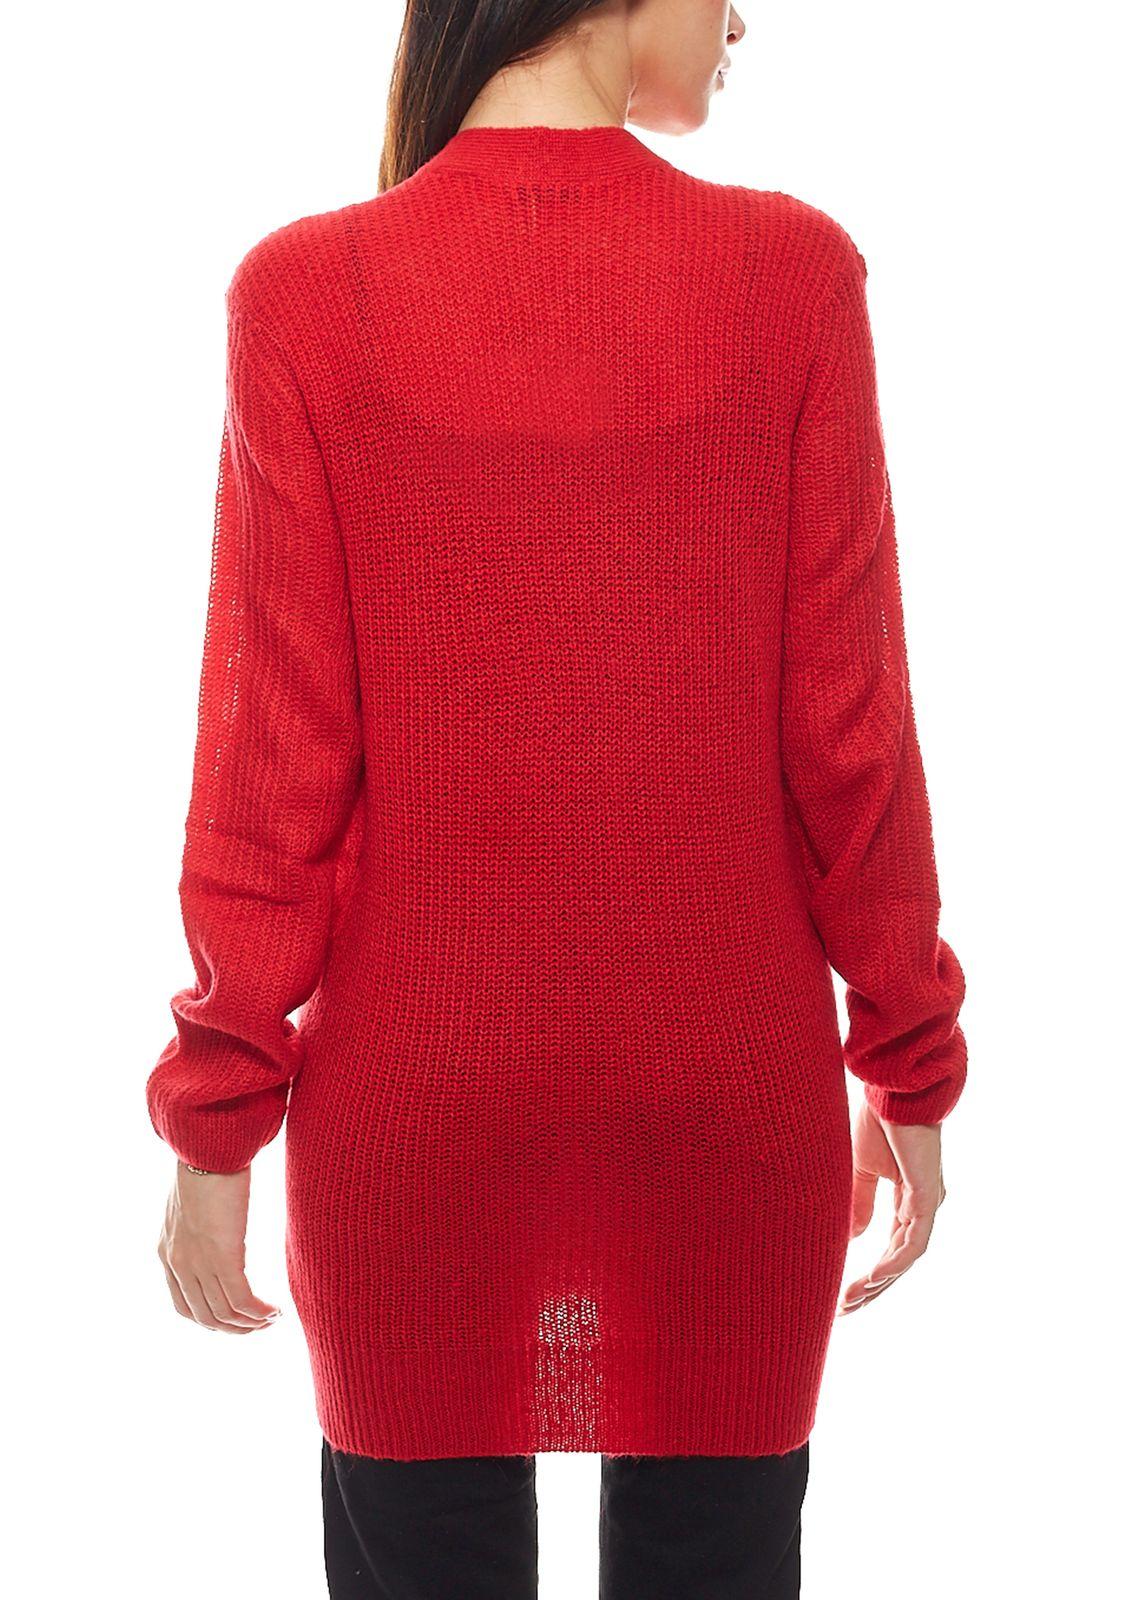 Tom Tailor Cardigan kuschelige Damen Long-Strickjacke Jacke Freizeit-Jacke Rot